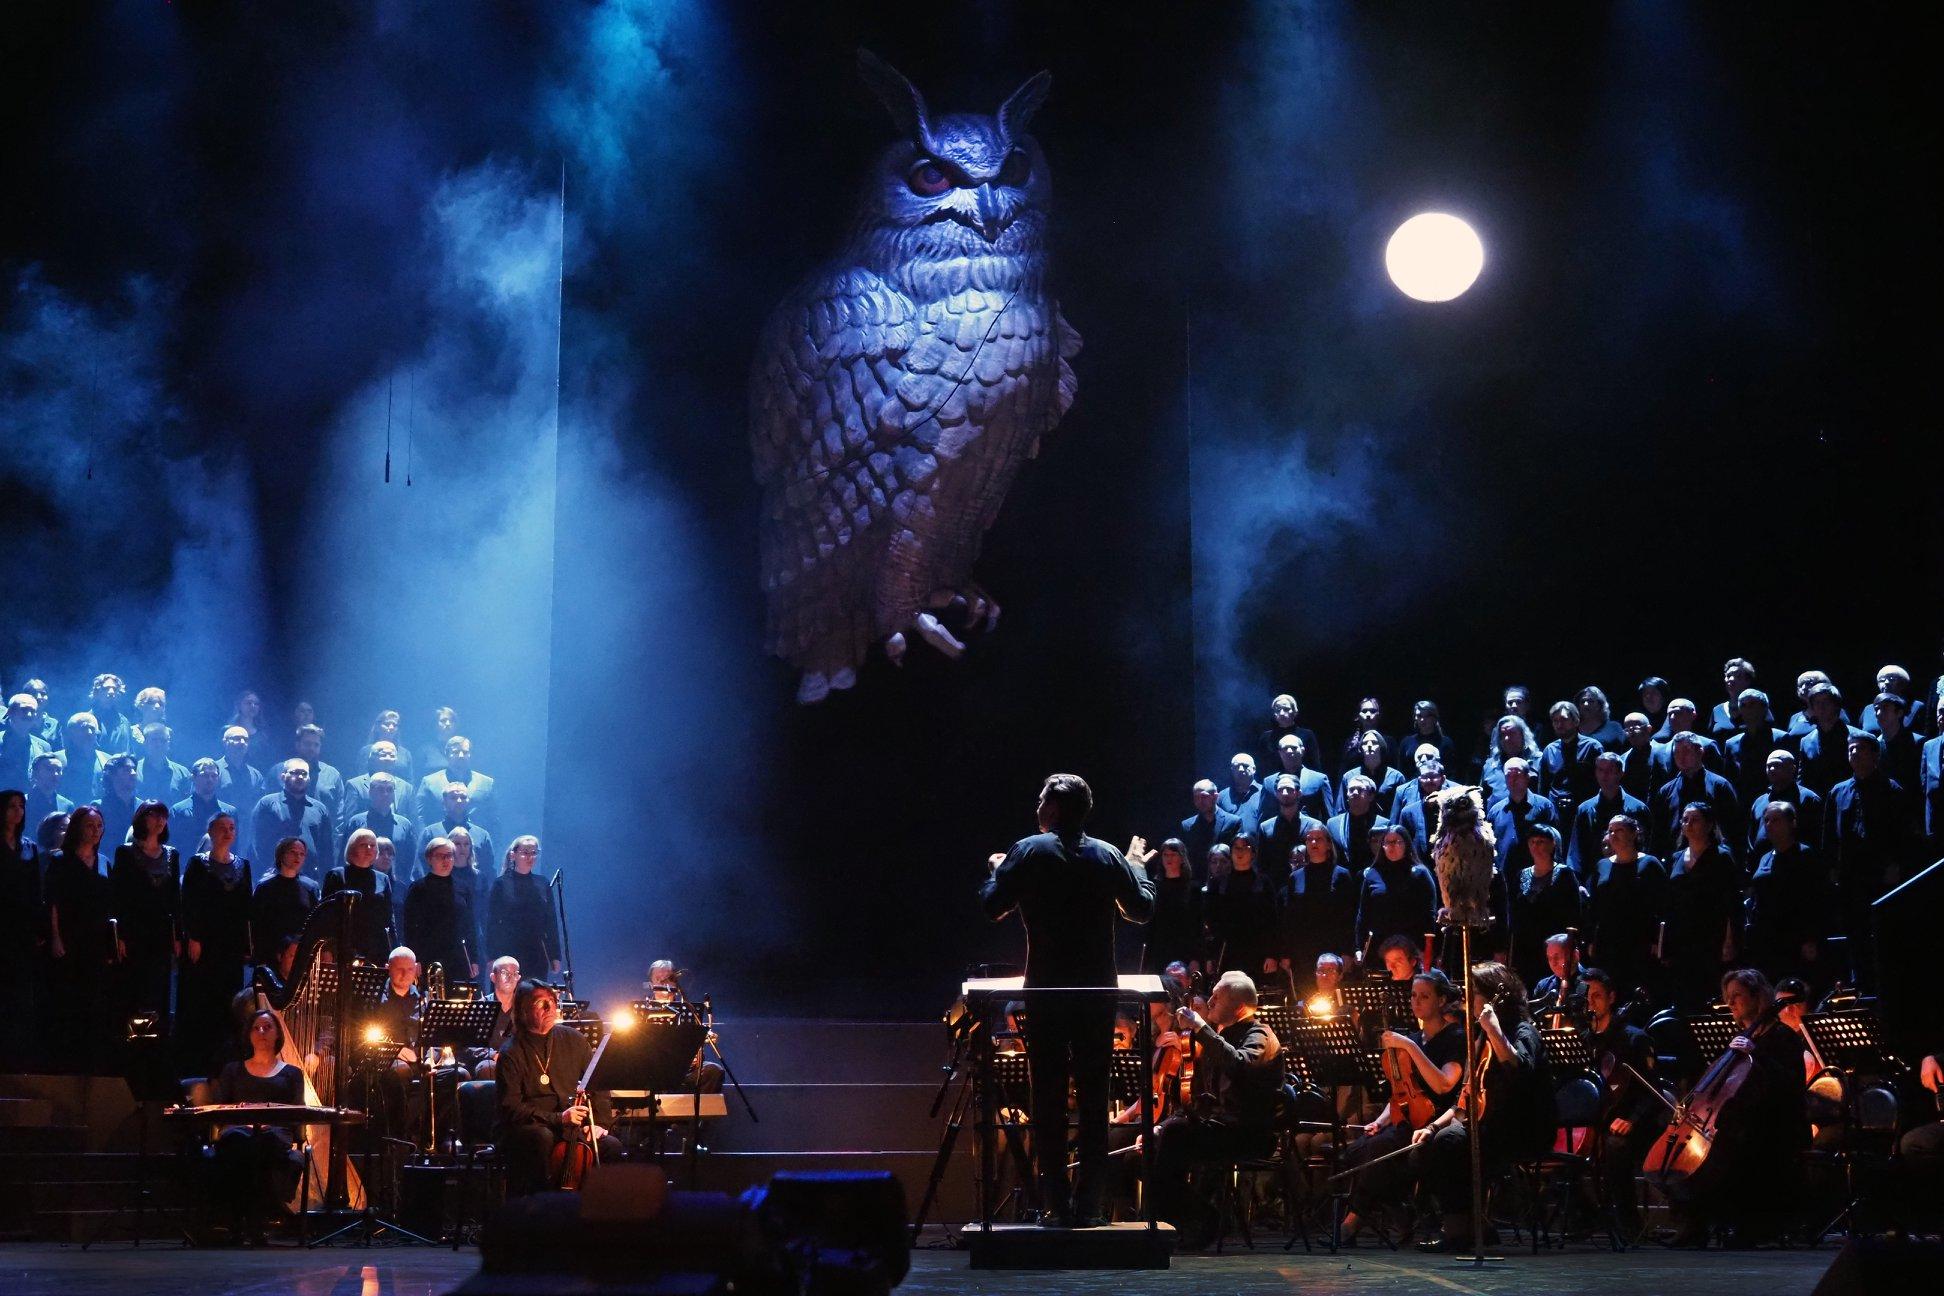 Более пятнадцать тыс. зрителей посетили события XIII Зимнего интернационального фестиваля искусств под упра